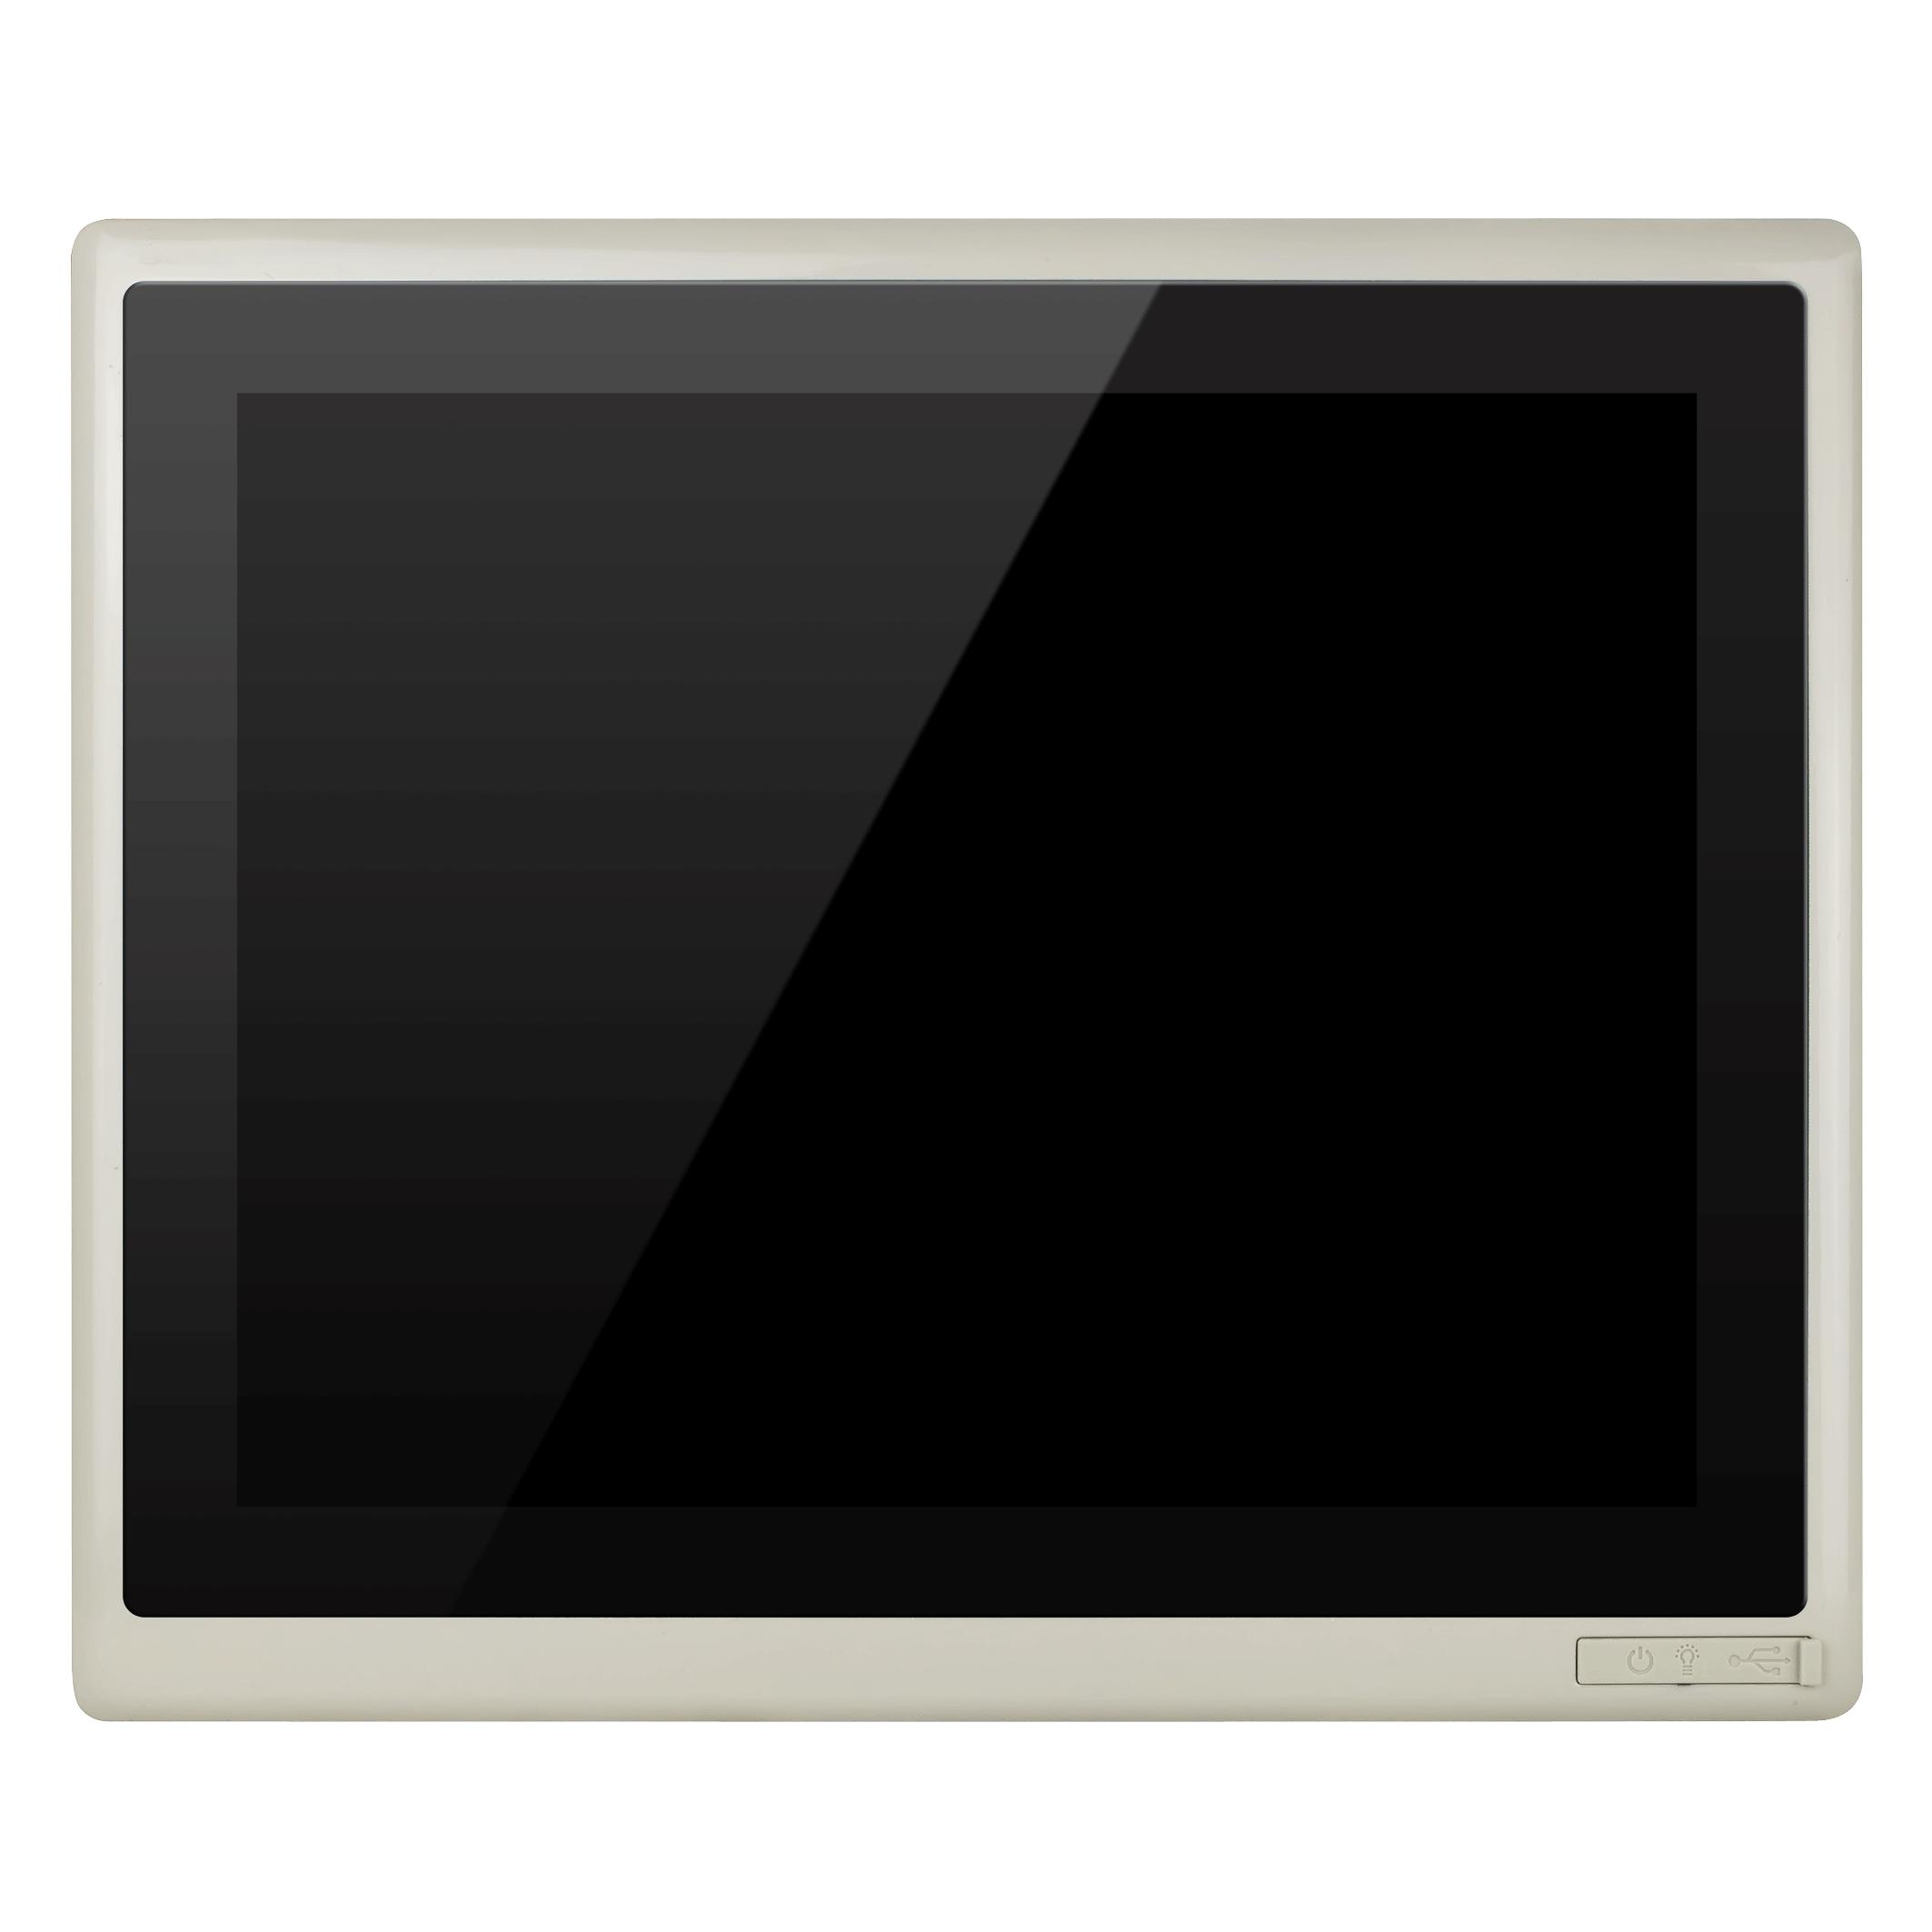 阿拉丁工业平板电脑